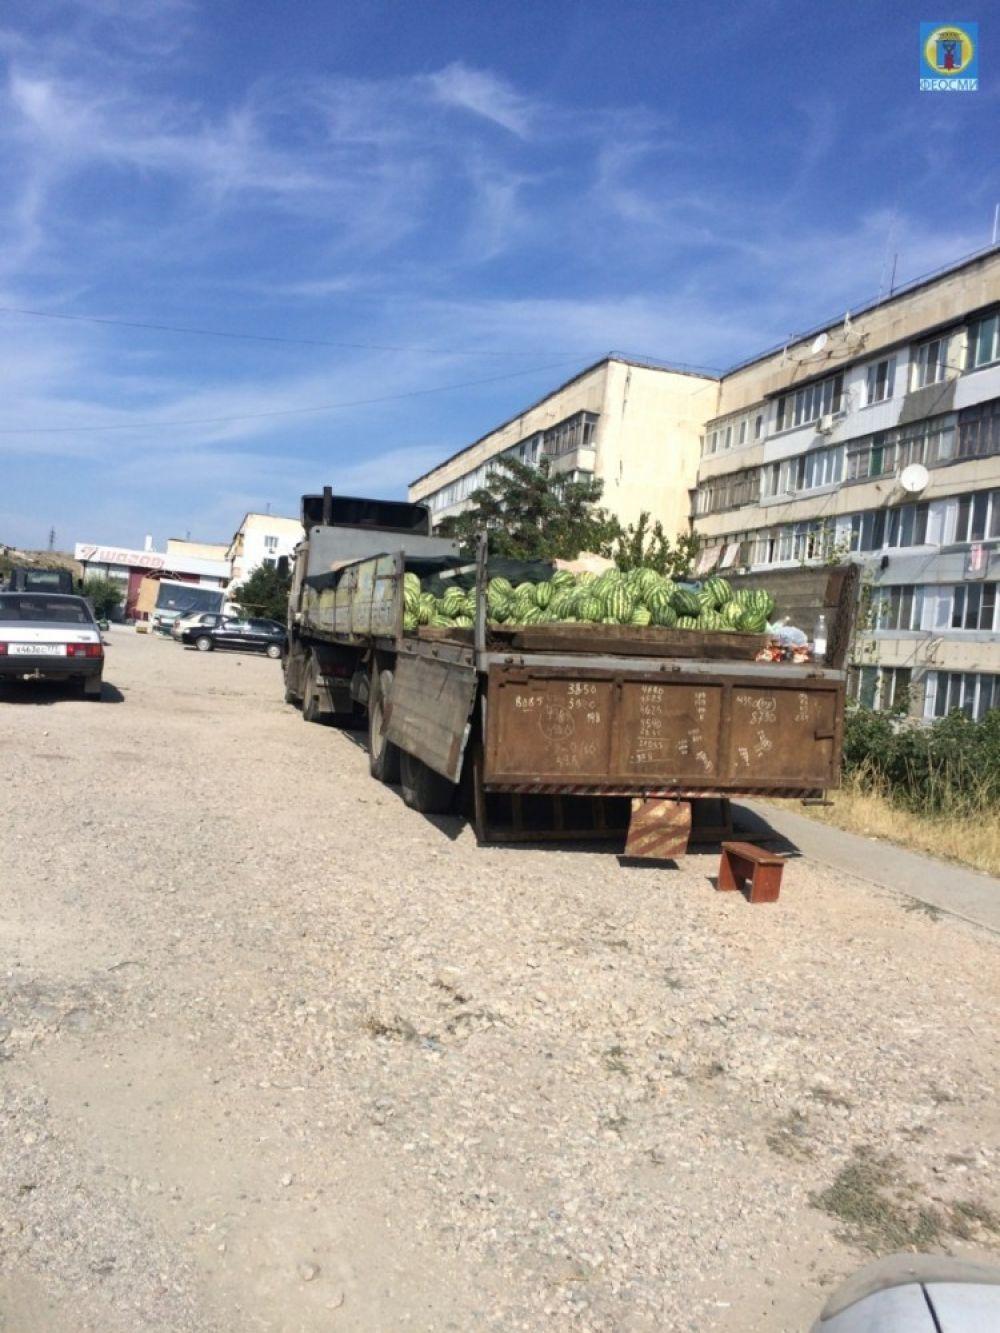 В Феодосии привлекут к ответственности торговцев за попытку незаконно продать 7 тонн арбузов